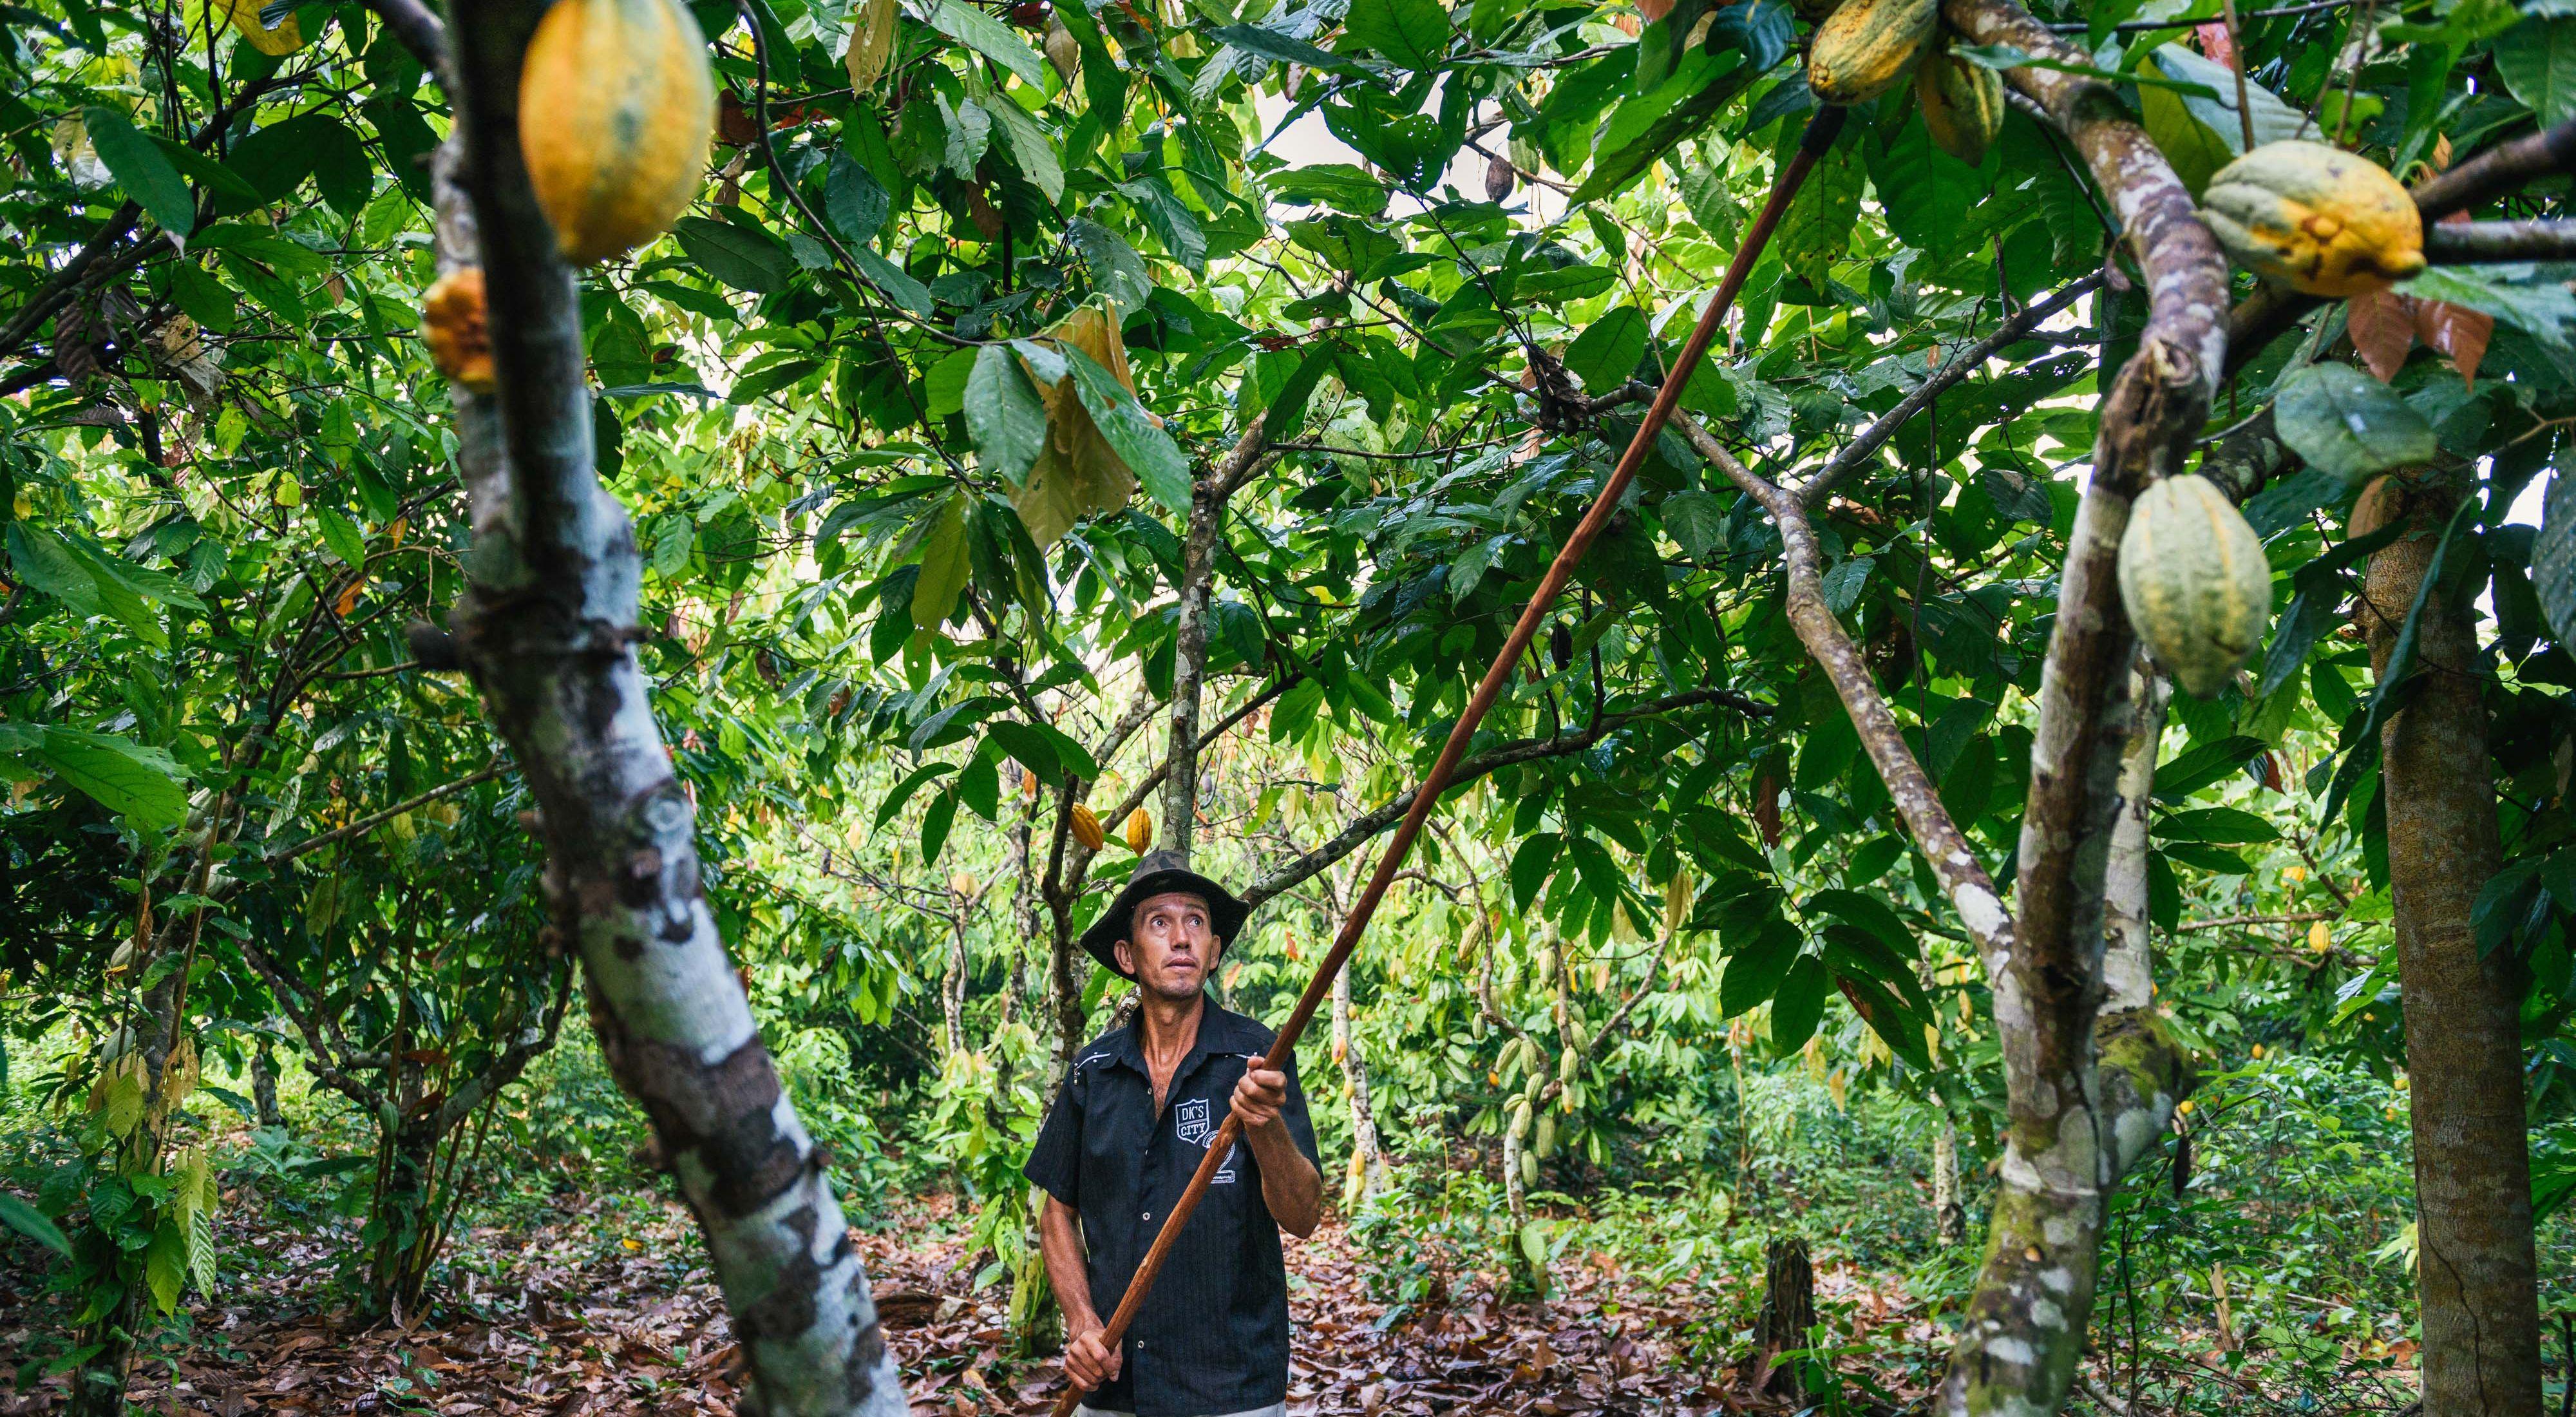 Agroflorestas possibilitam alavancar a restauração florestal em áreas degradas, aumentando a produção de alimentos e gerando renda para produtores rurais.